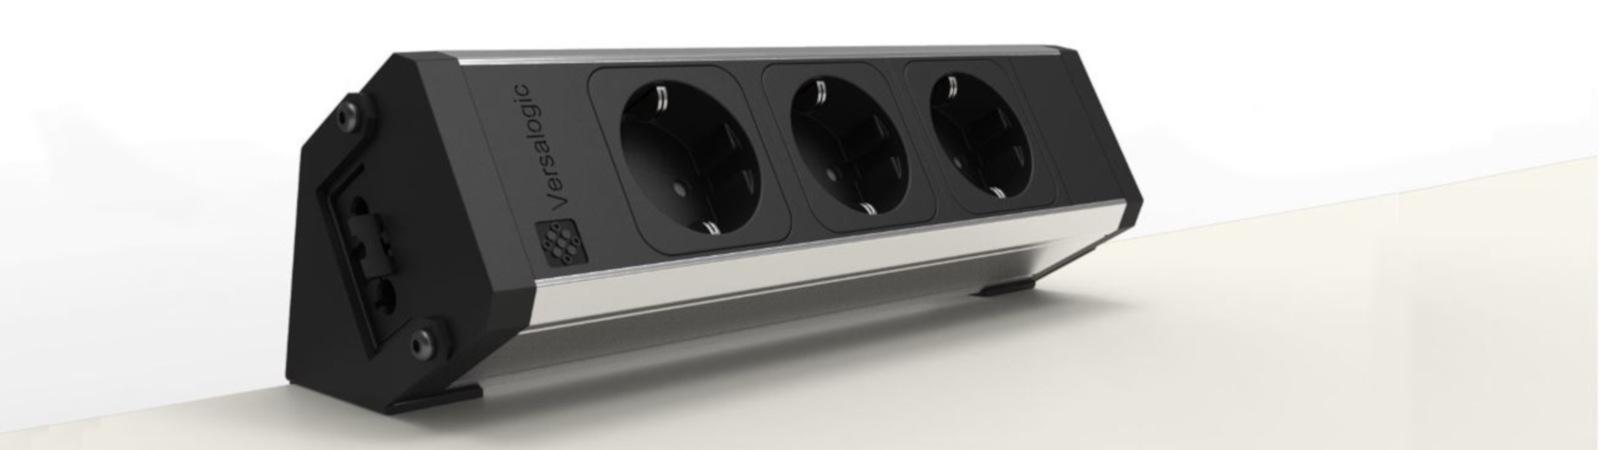 V-Desk mounted power module